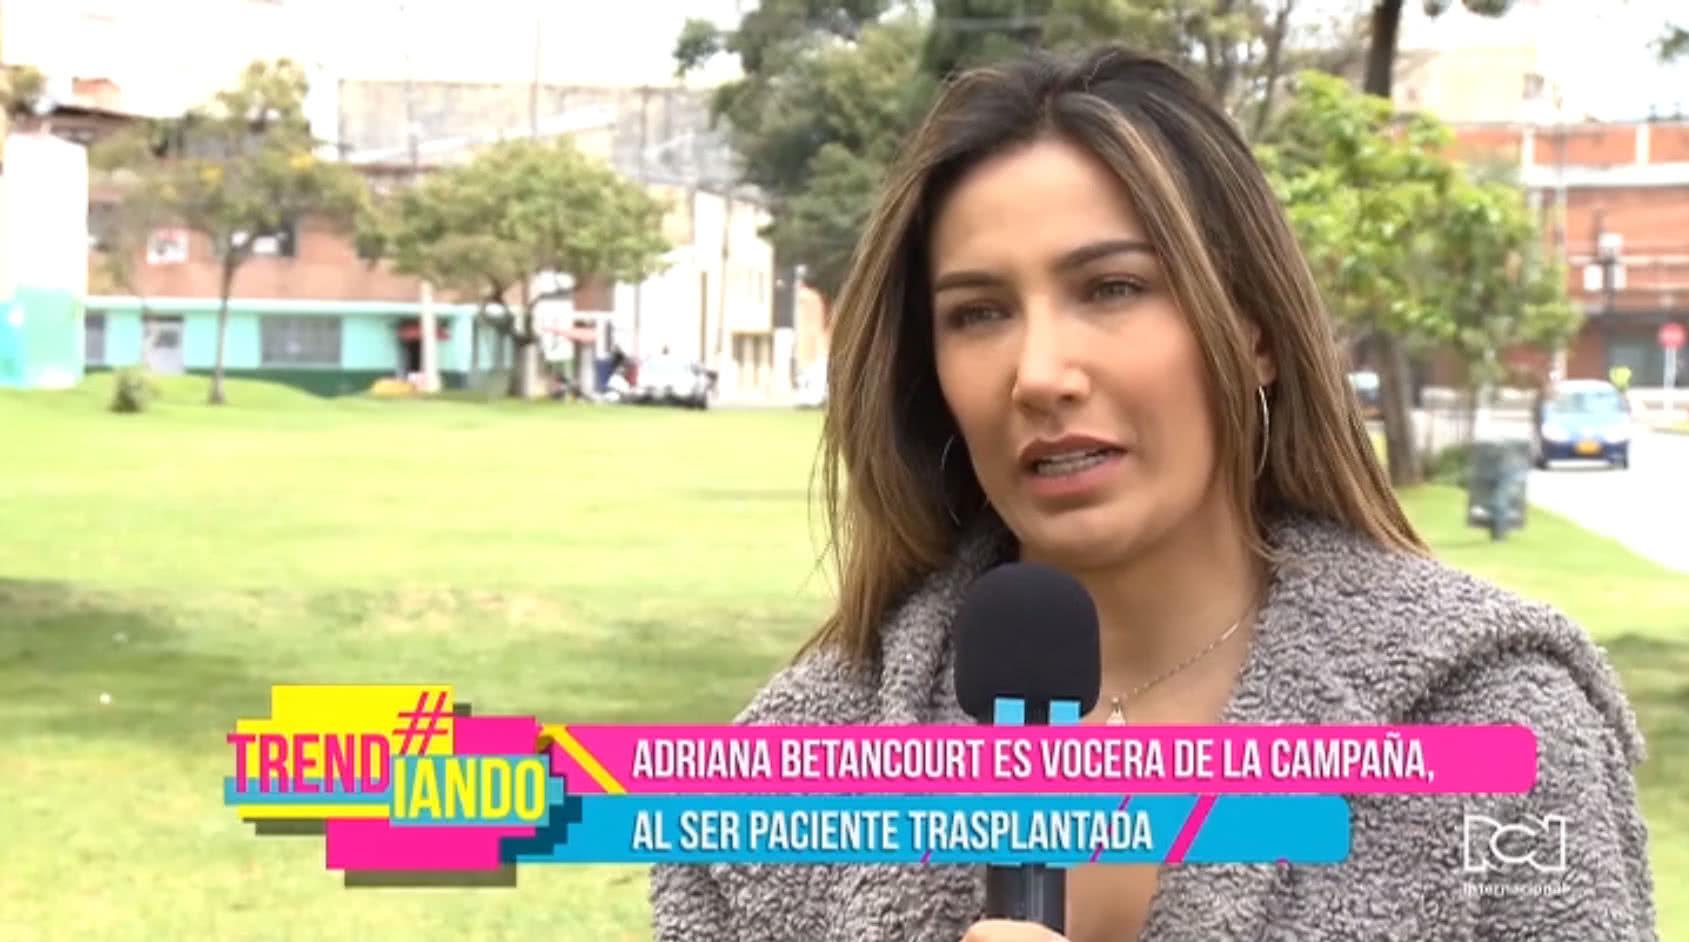 Adriana Betancourt busca crear conciencia sobre la donación de órganos en Colombia con la campaña 'Somos Uno'